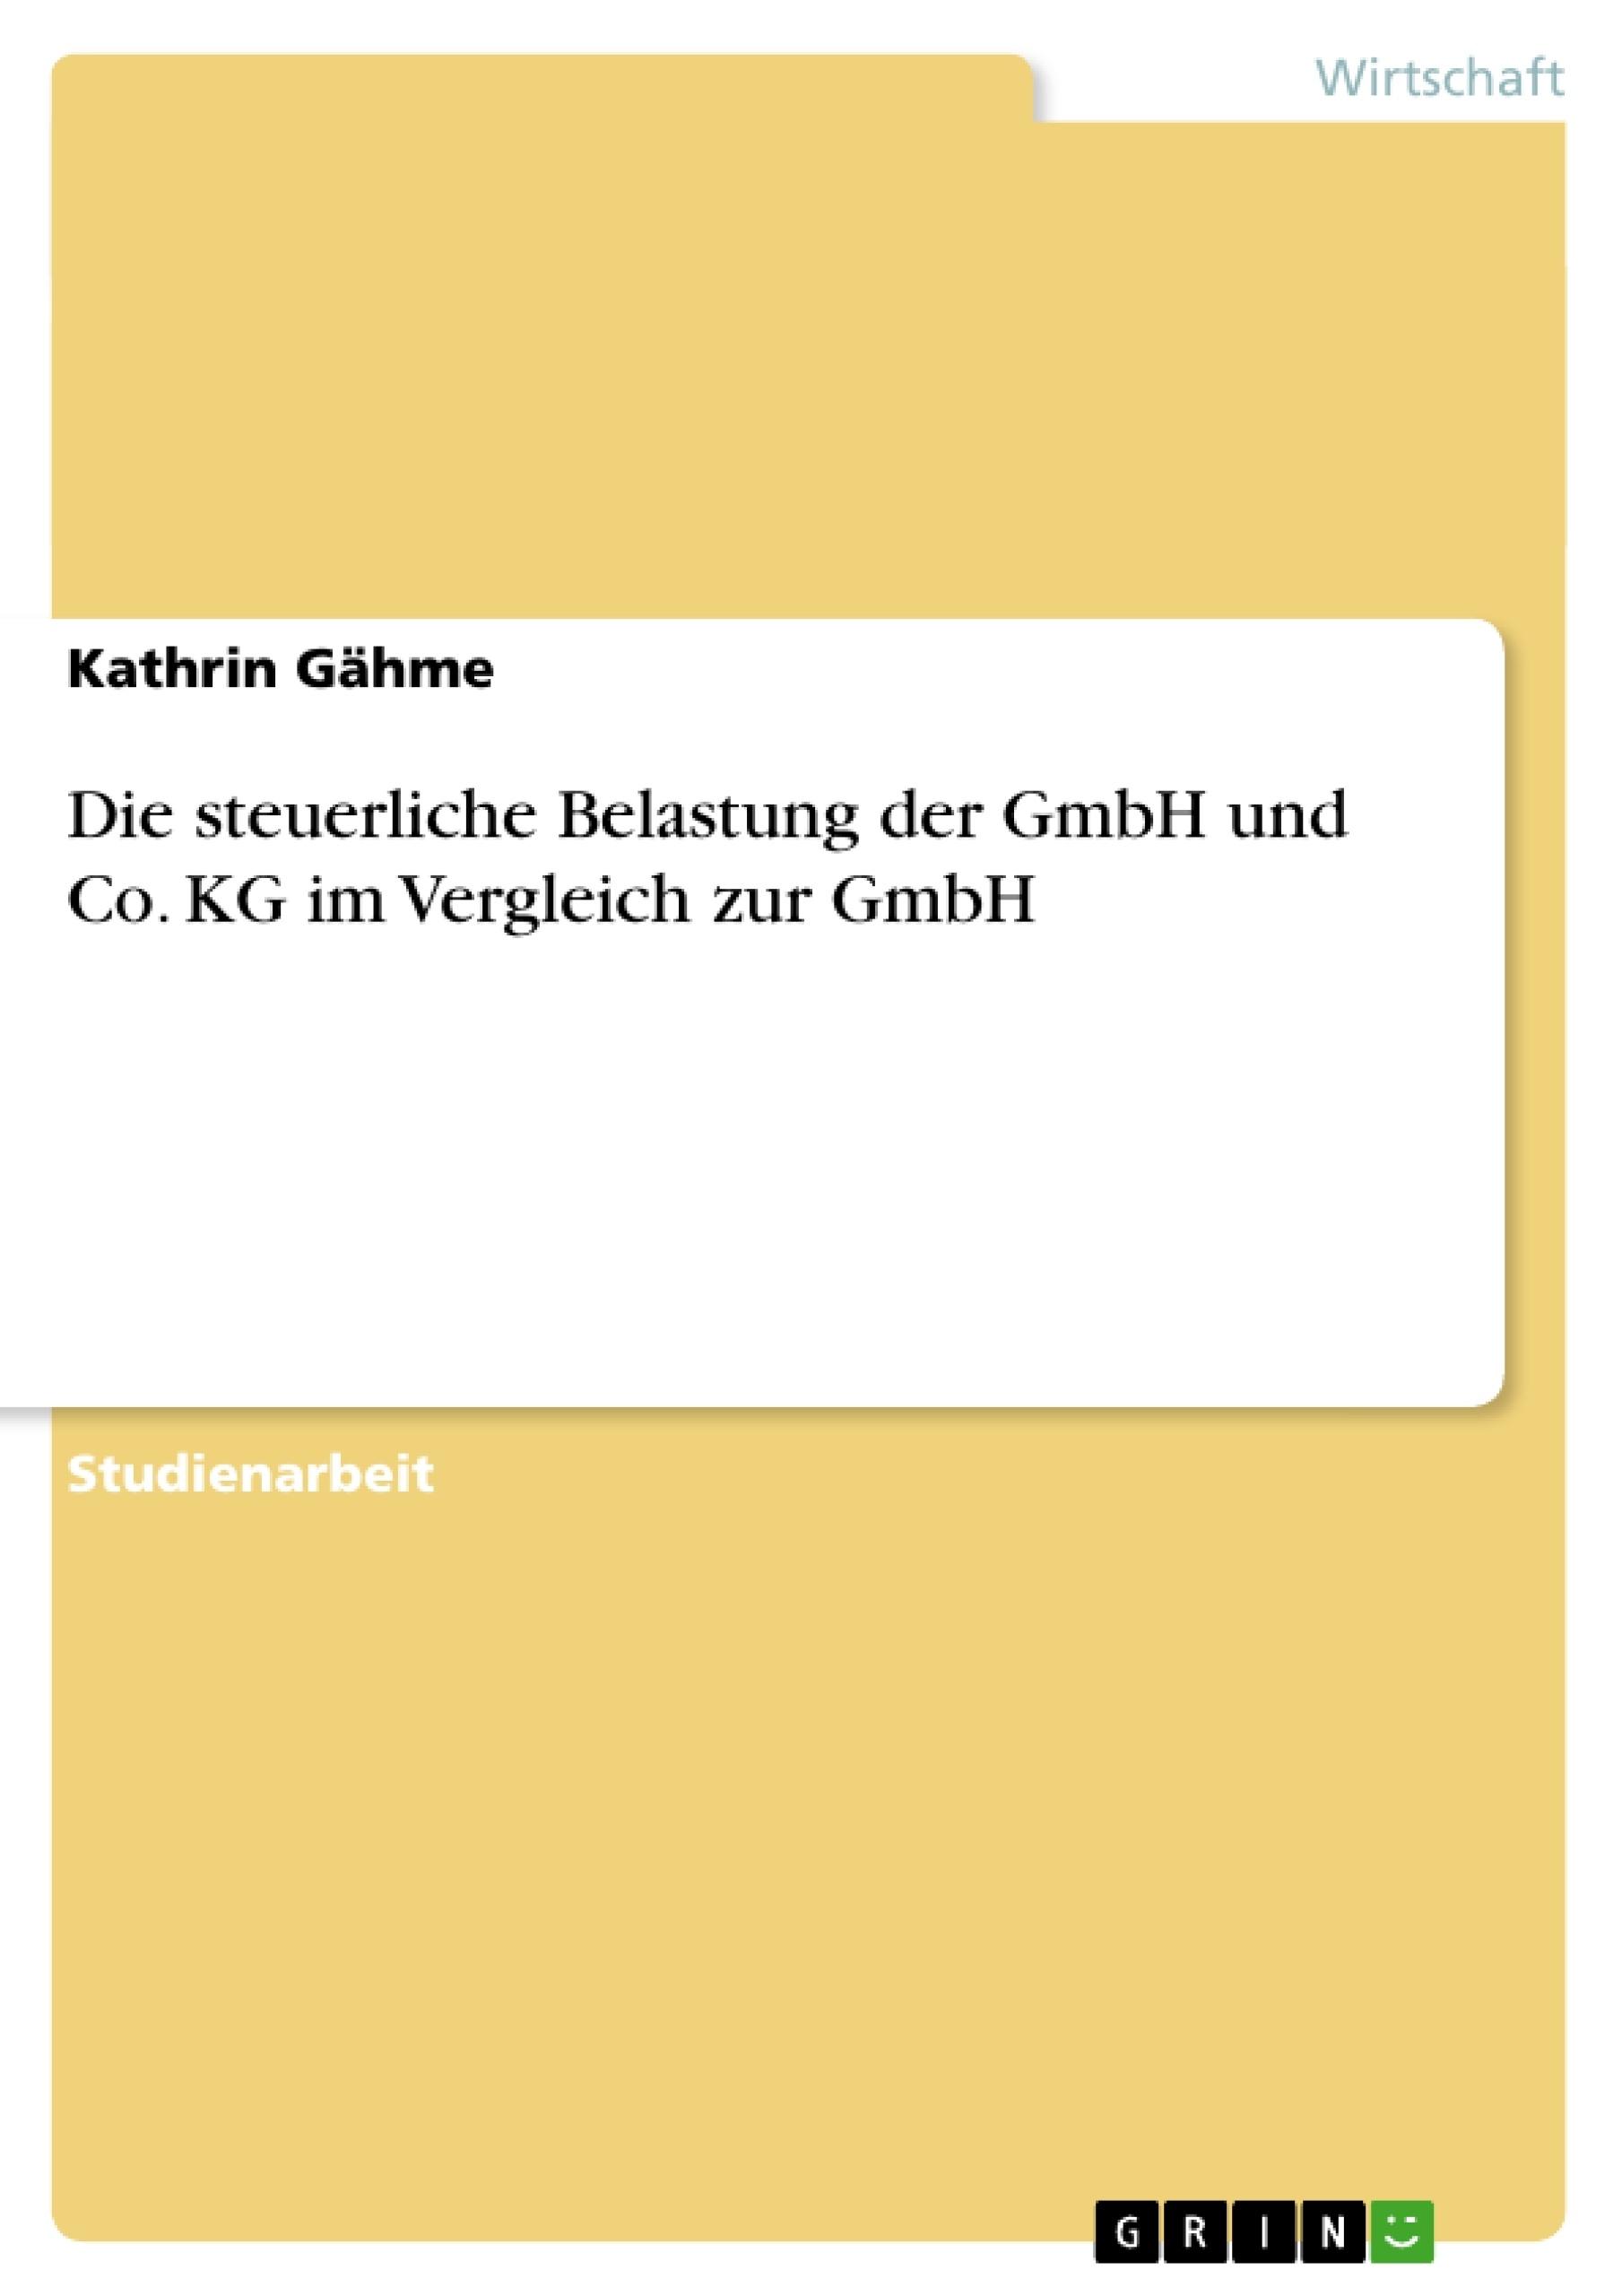 Titel: Die steuerliche Belastung der GmbH und Co. KG im Vergleich zur GmbH